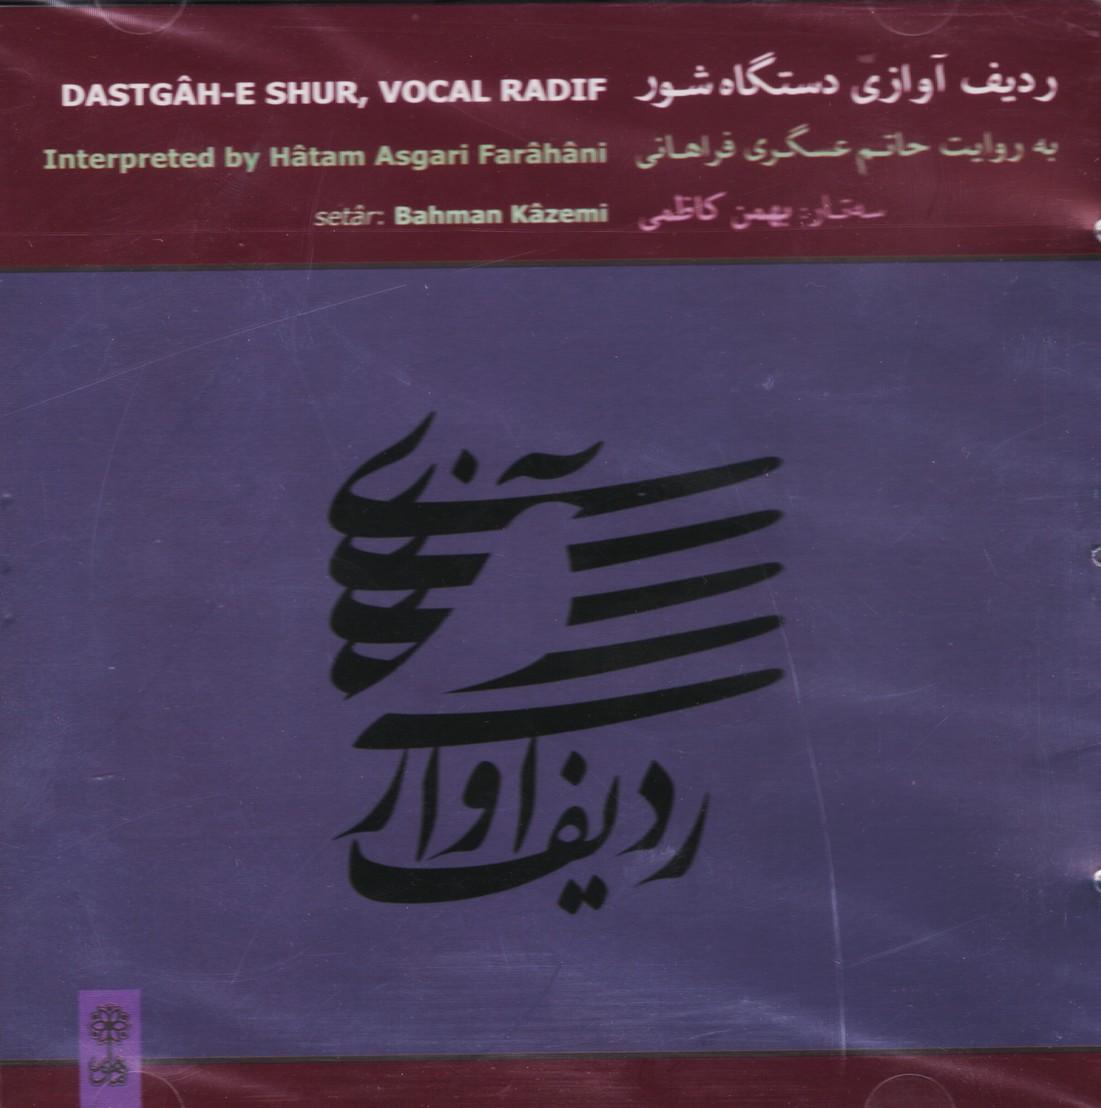 ردیف آوازی دستگاه شور به روایت حاتم عسگری فراهانی